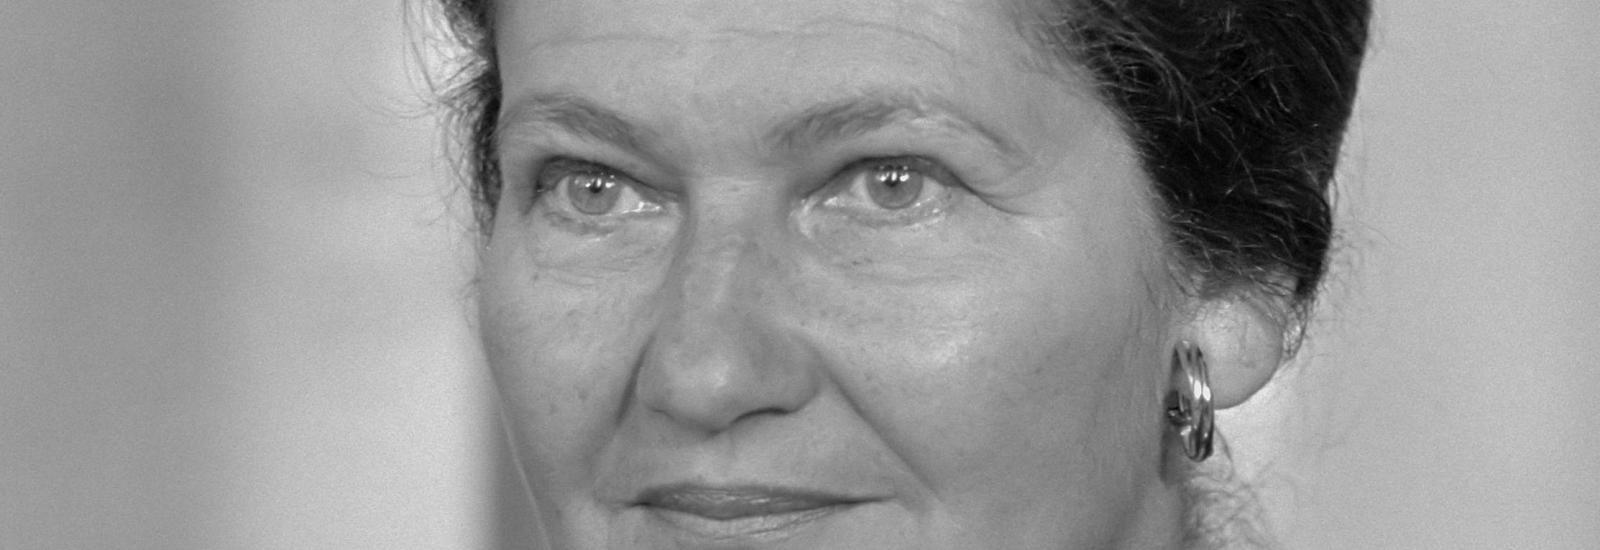 Simone Veil Par Rob C. Croes / Anefo — Nationaal Archief, CC BY-SA 3.0